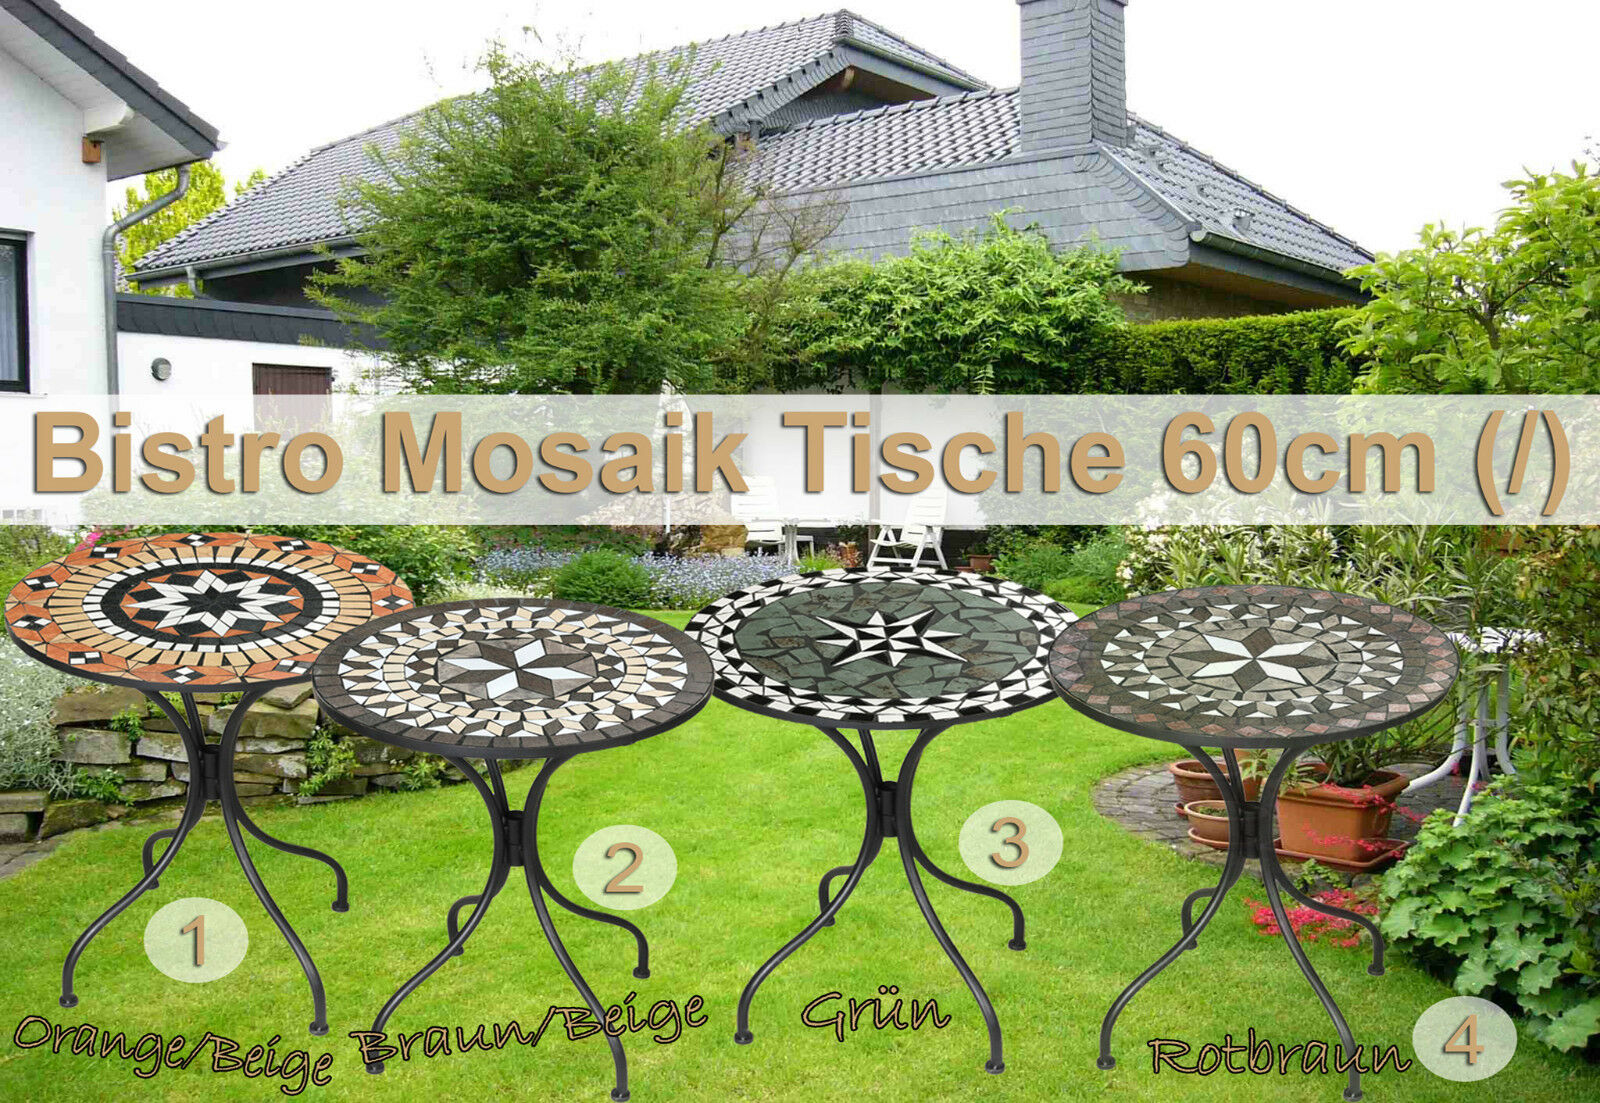 Bistro Mosaik Tisch / Garten Terrassen Tisch 60cm (/)